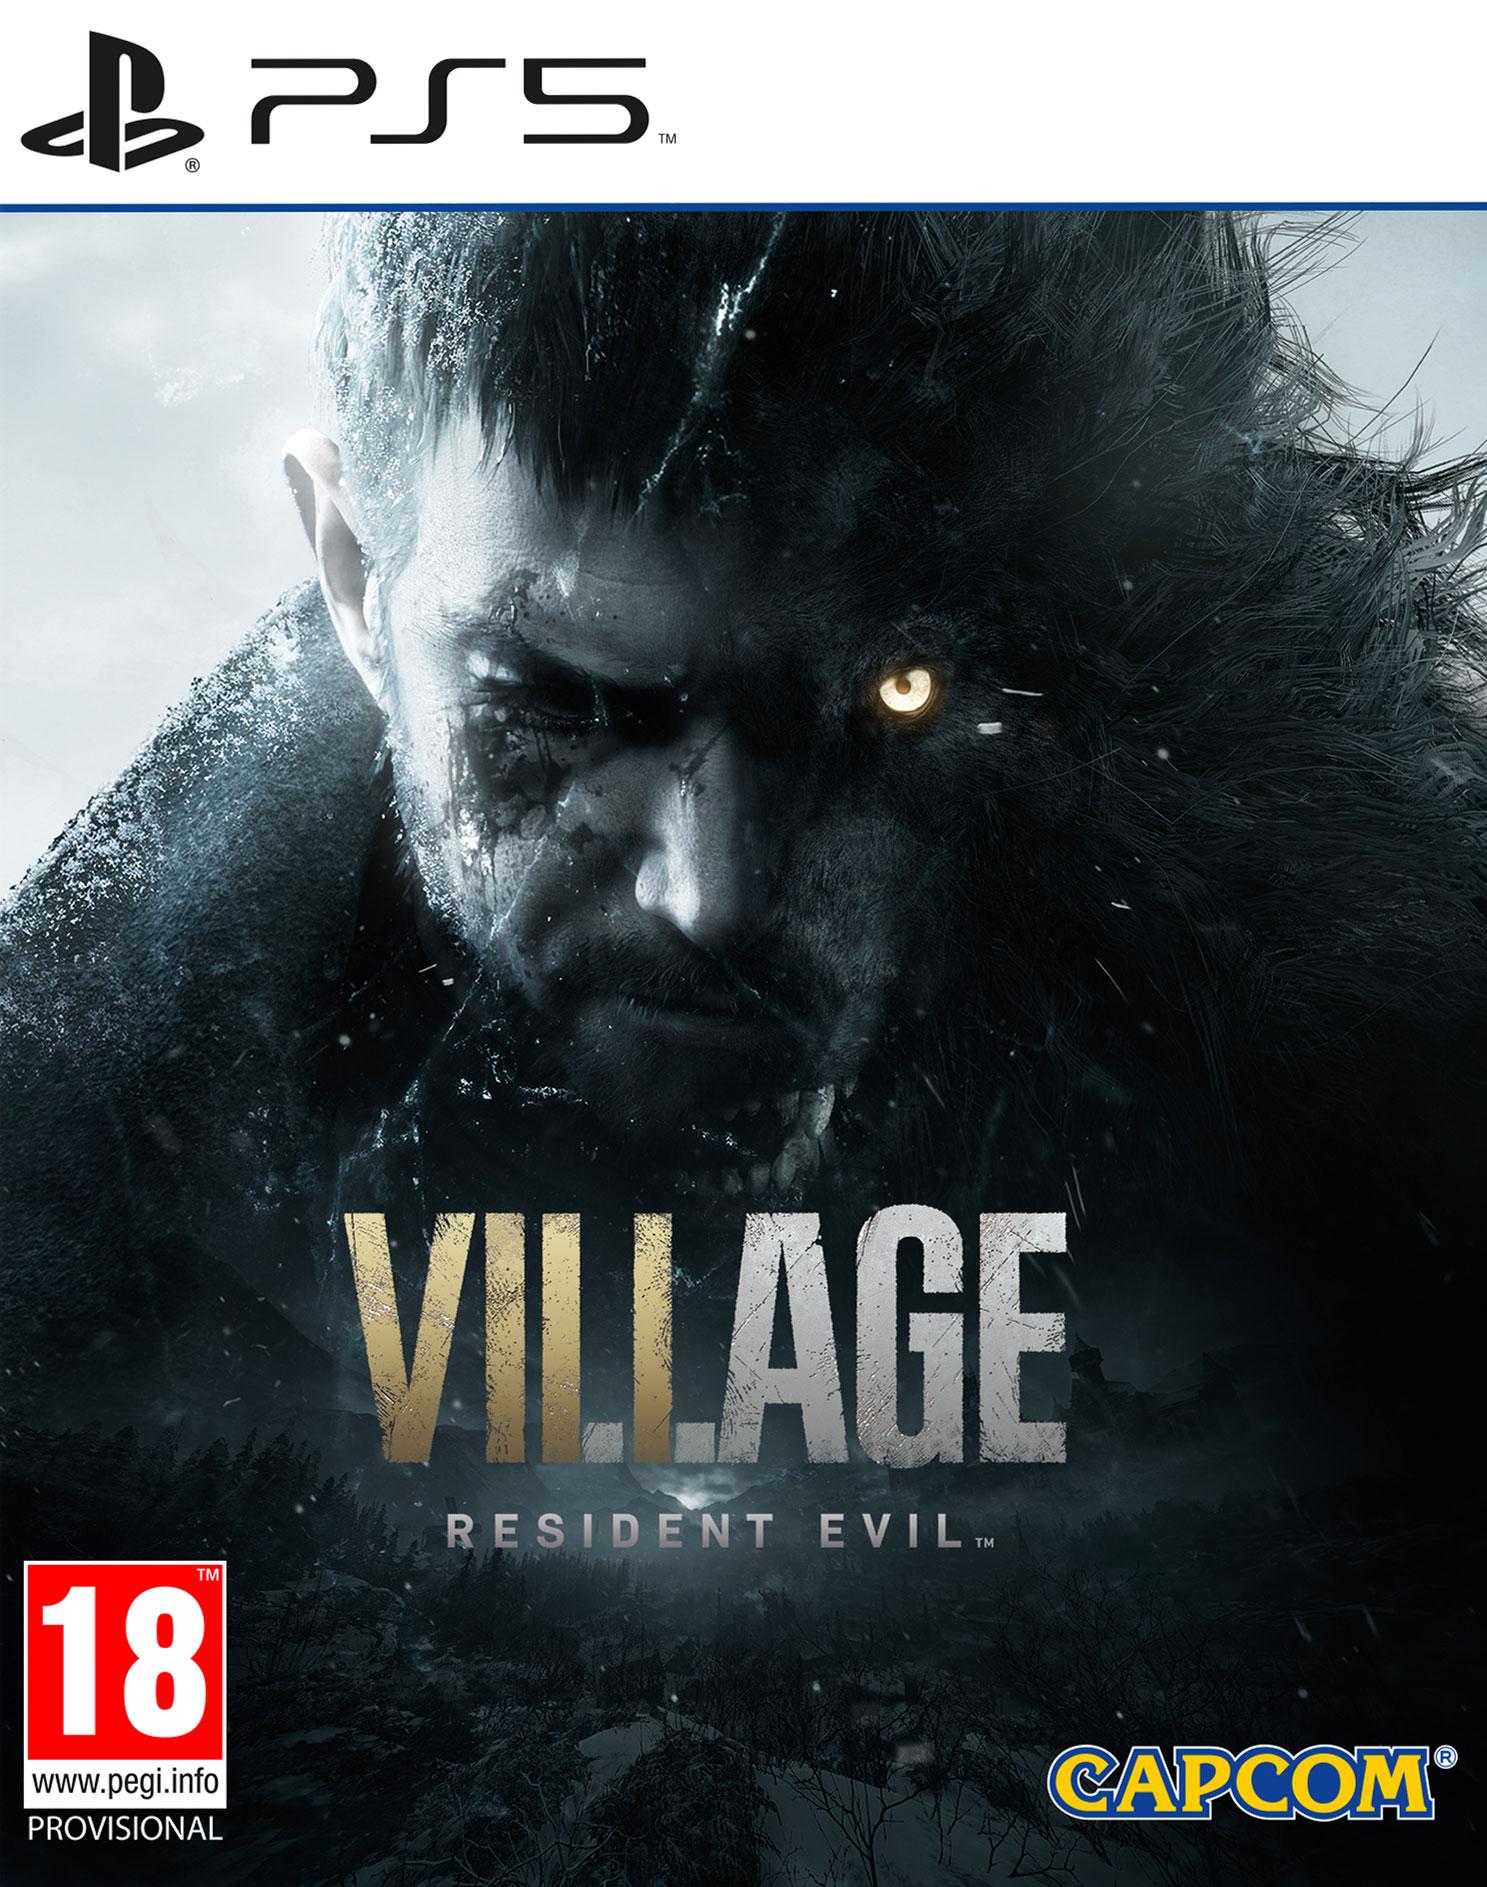 Cover - Resident Evil Village